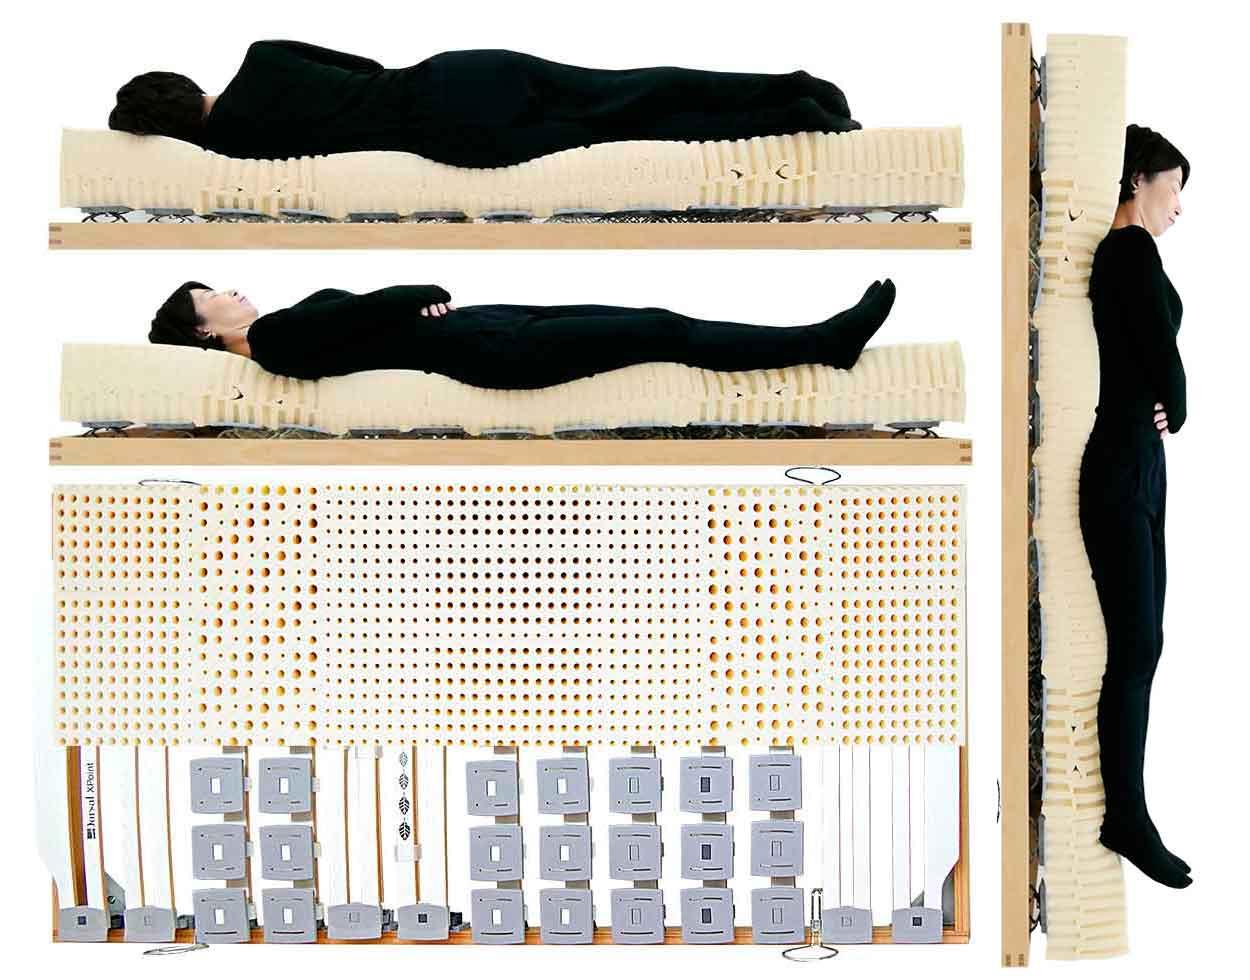 腰痛持ちにお薦めできる腰痛に良いウッドスプリングベッドとラテックスマットレス 立っている姿勢で眠れる腰に良いウッドスプリングベッドと腰痛におすすめラテックスマットレスの試し寝体験できます